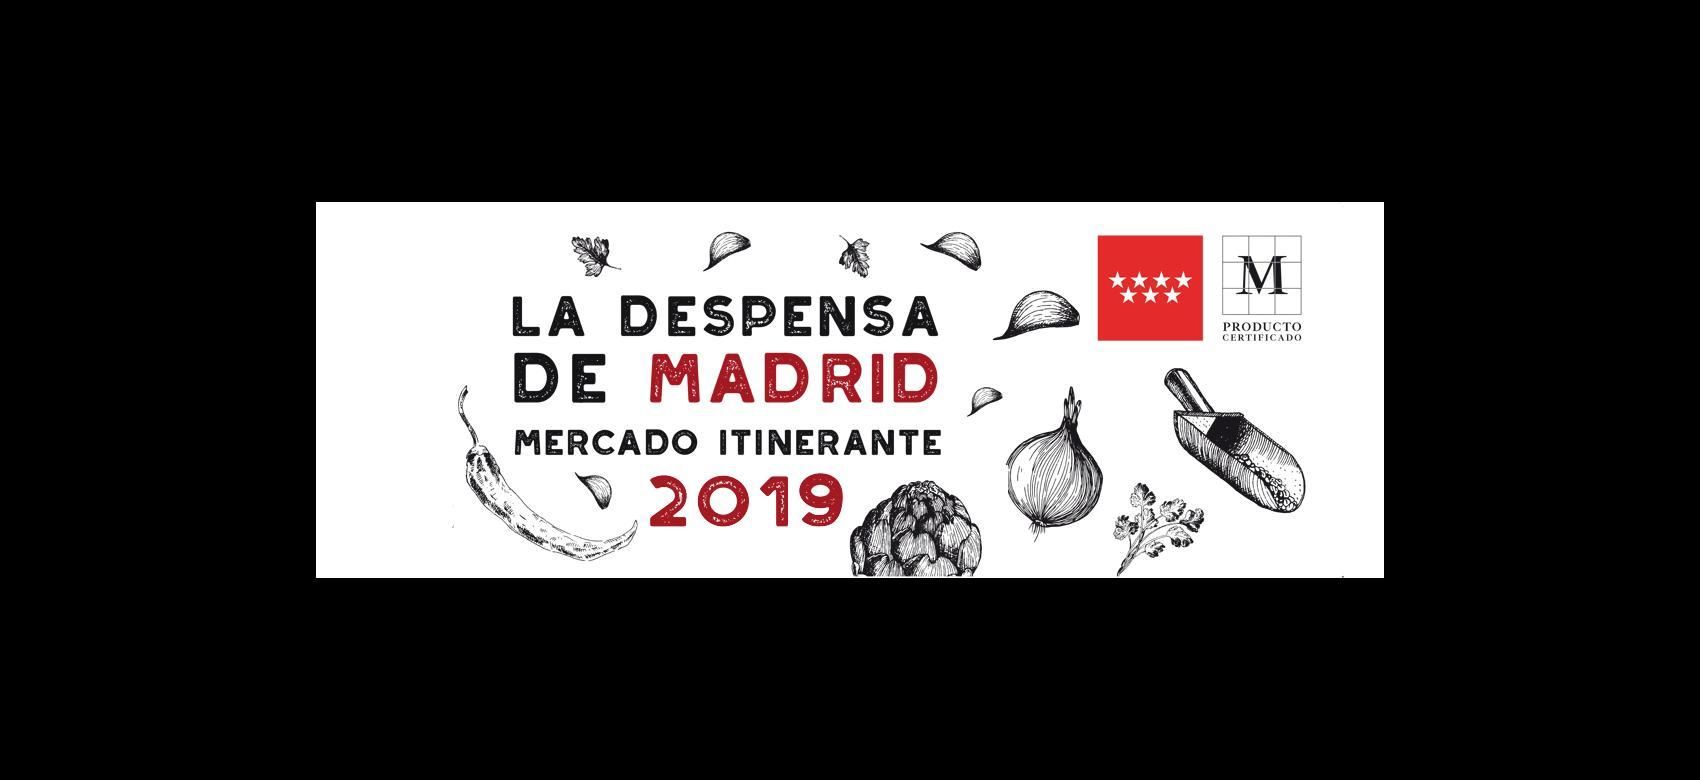 La Despensa de Madrid 2019